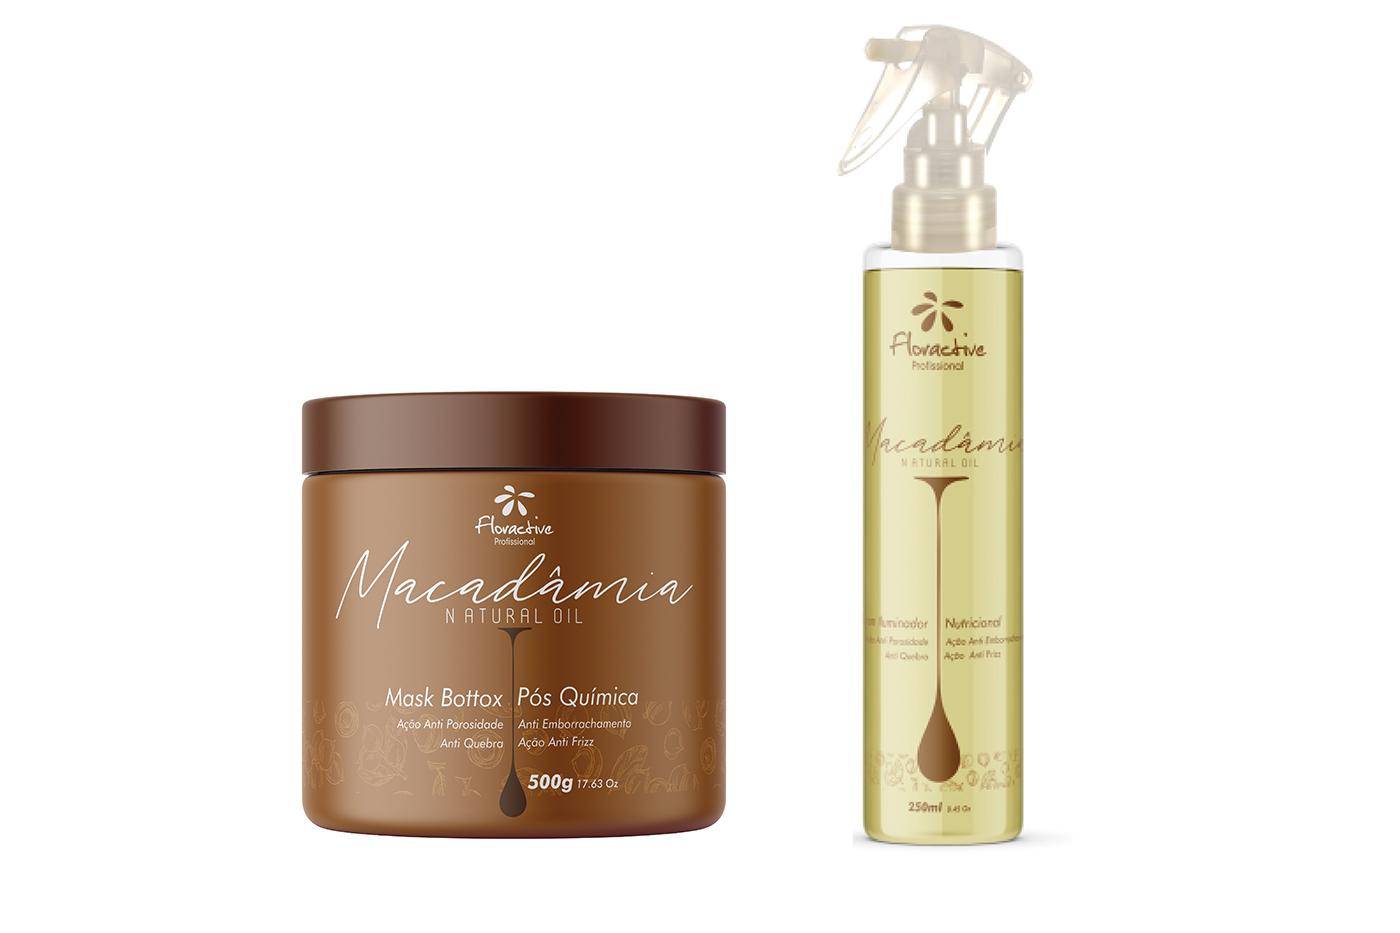 Floractive Professional's SOS Botox treatment for hair rejuvenation